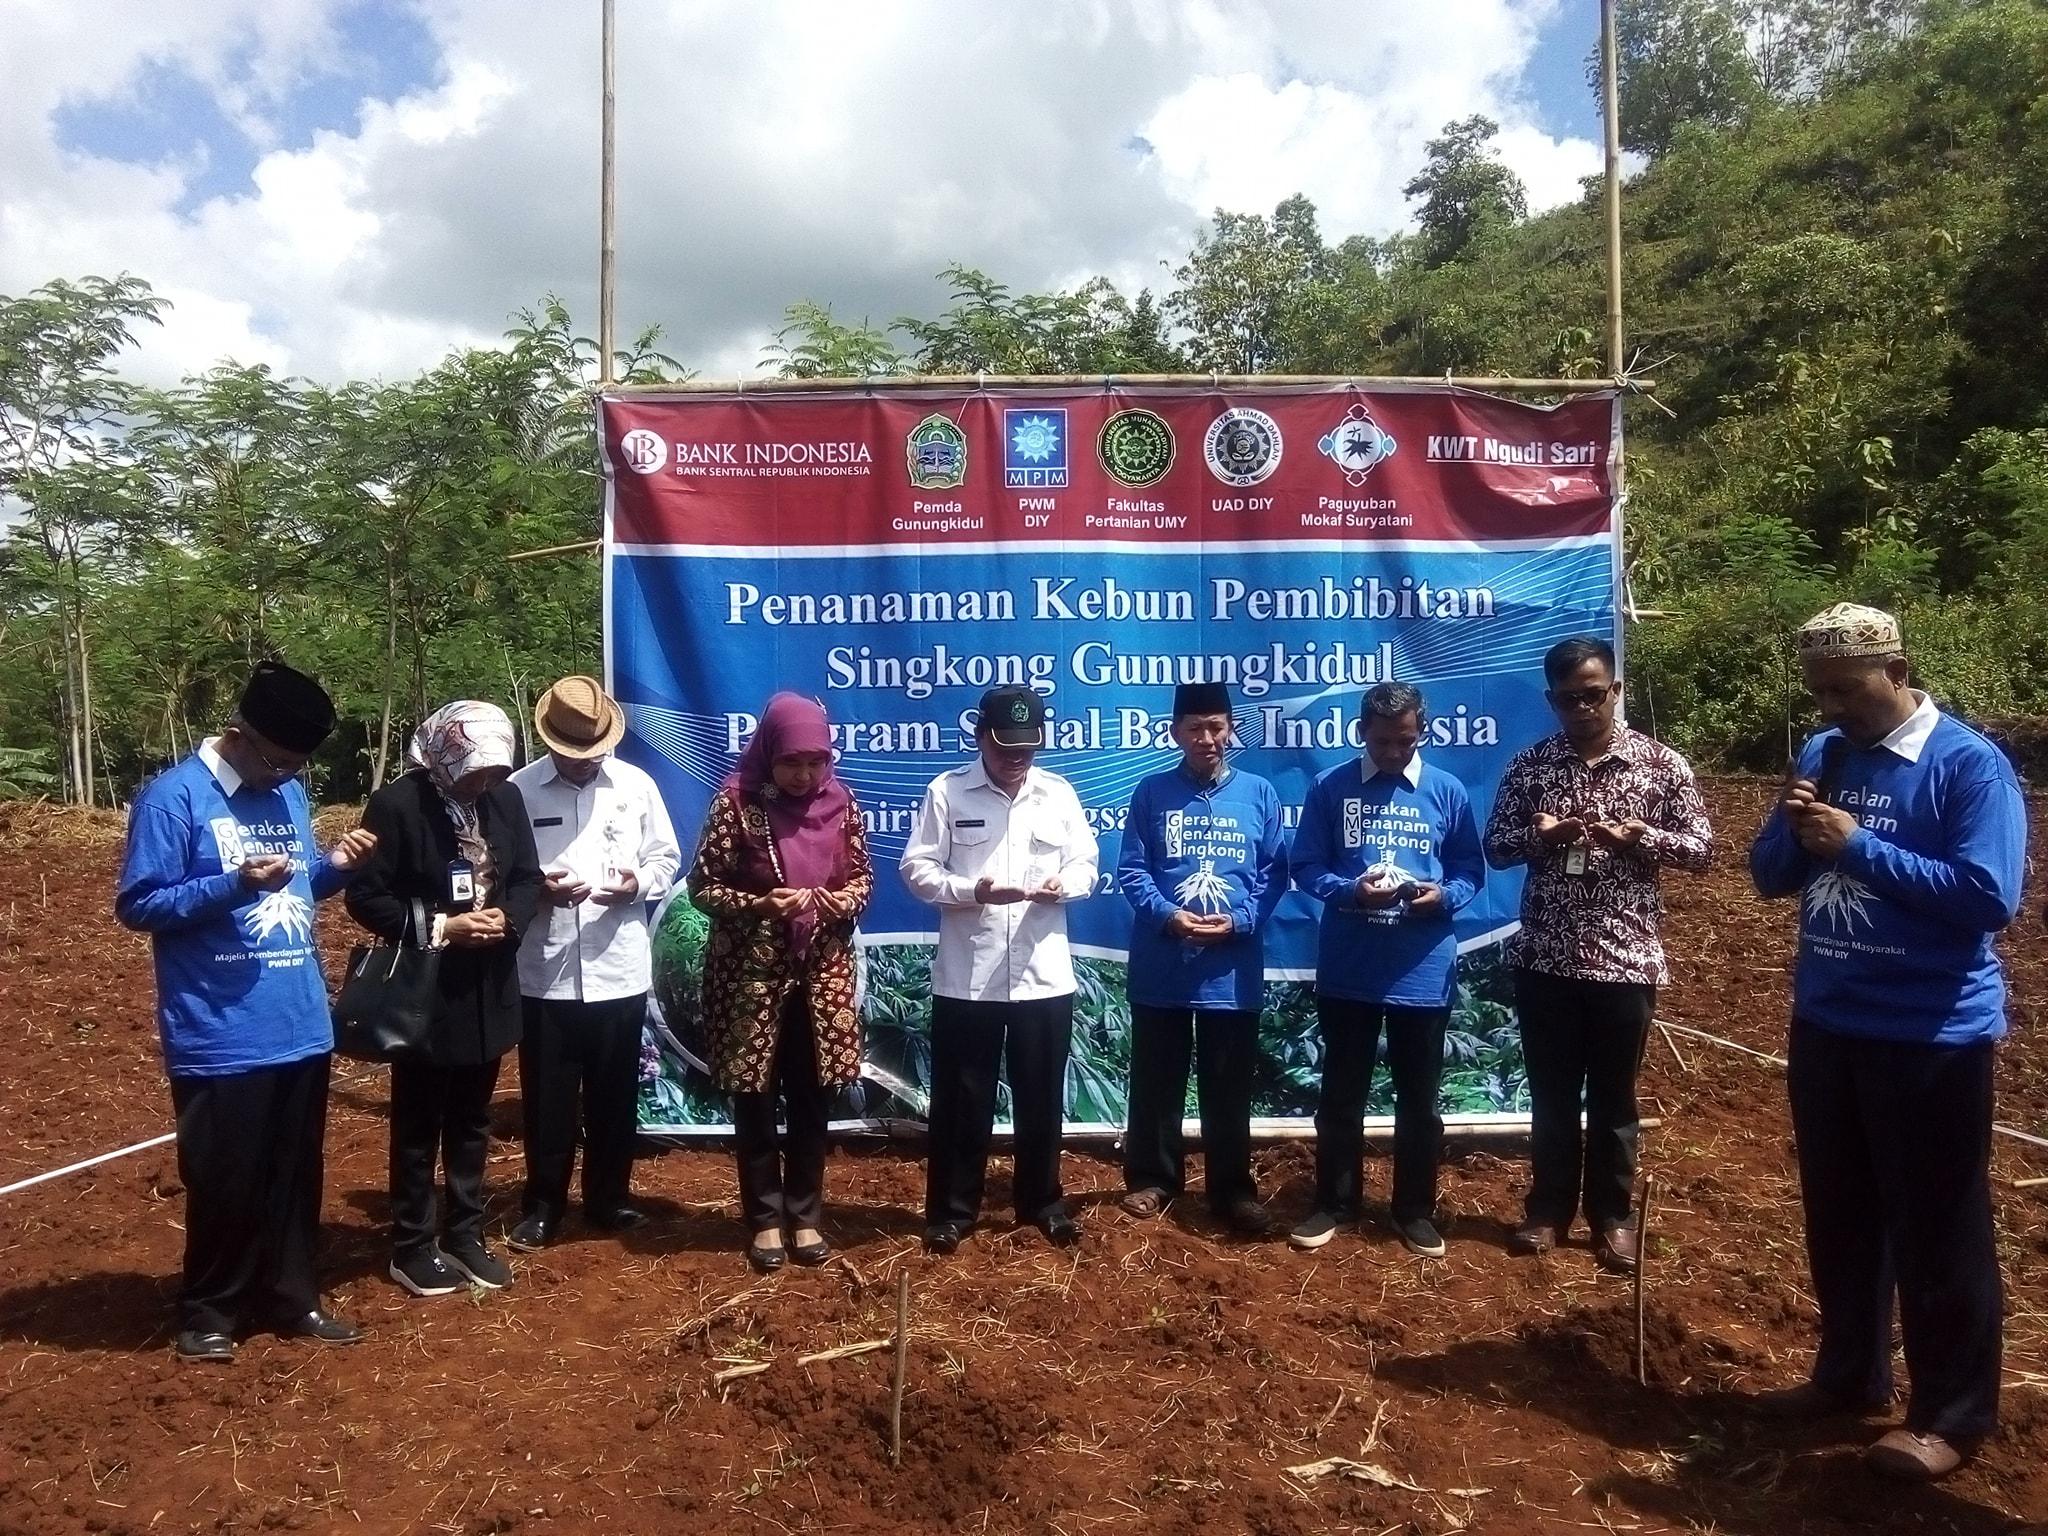 Muhammadiyah Adakan Penanaman Bibit Singkong Di Tanjungsari Gunungkidul